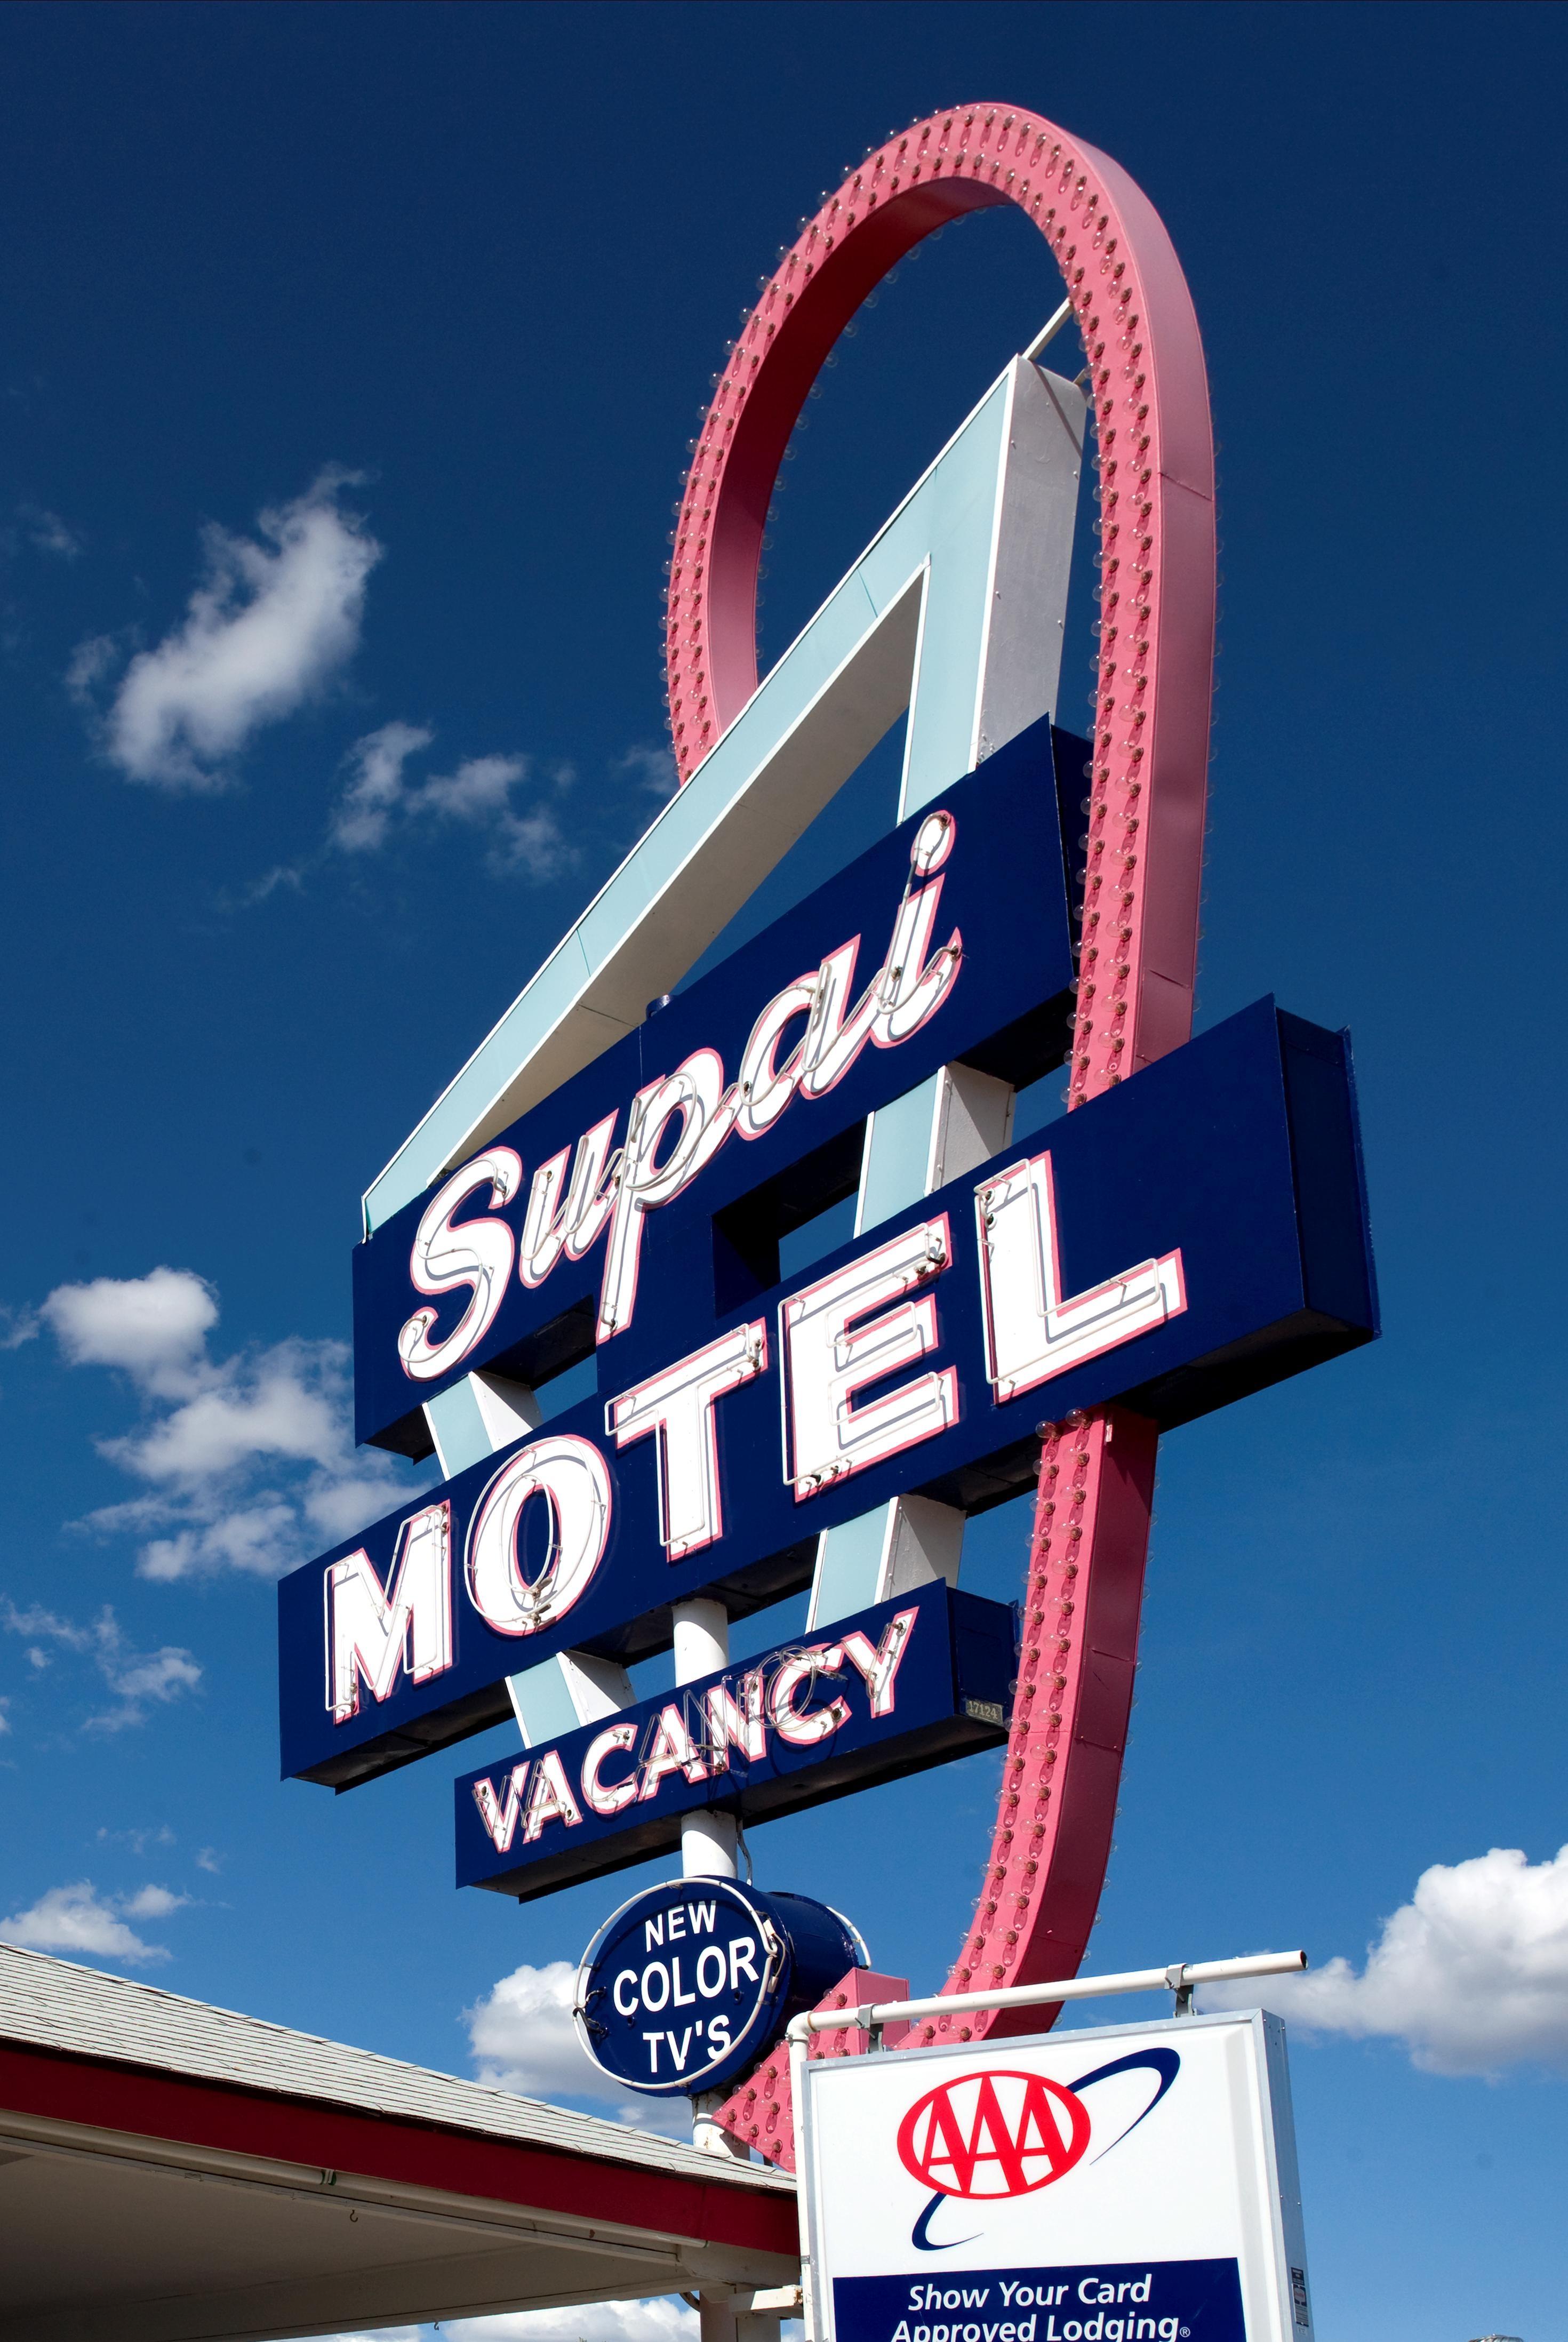 En un motel de carretera - 3 part 1